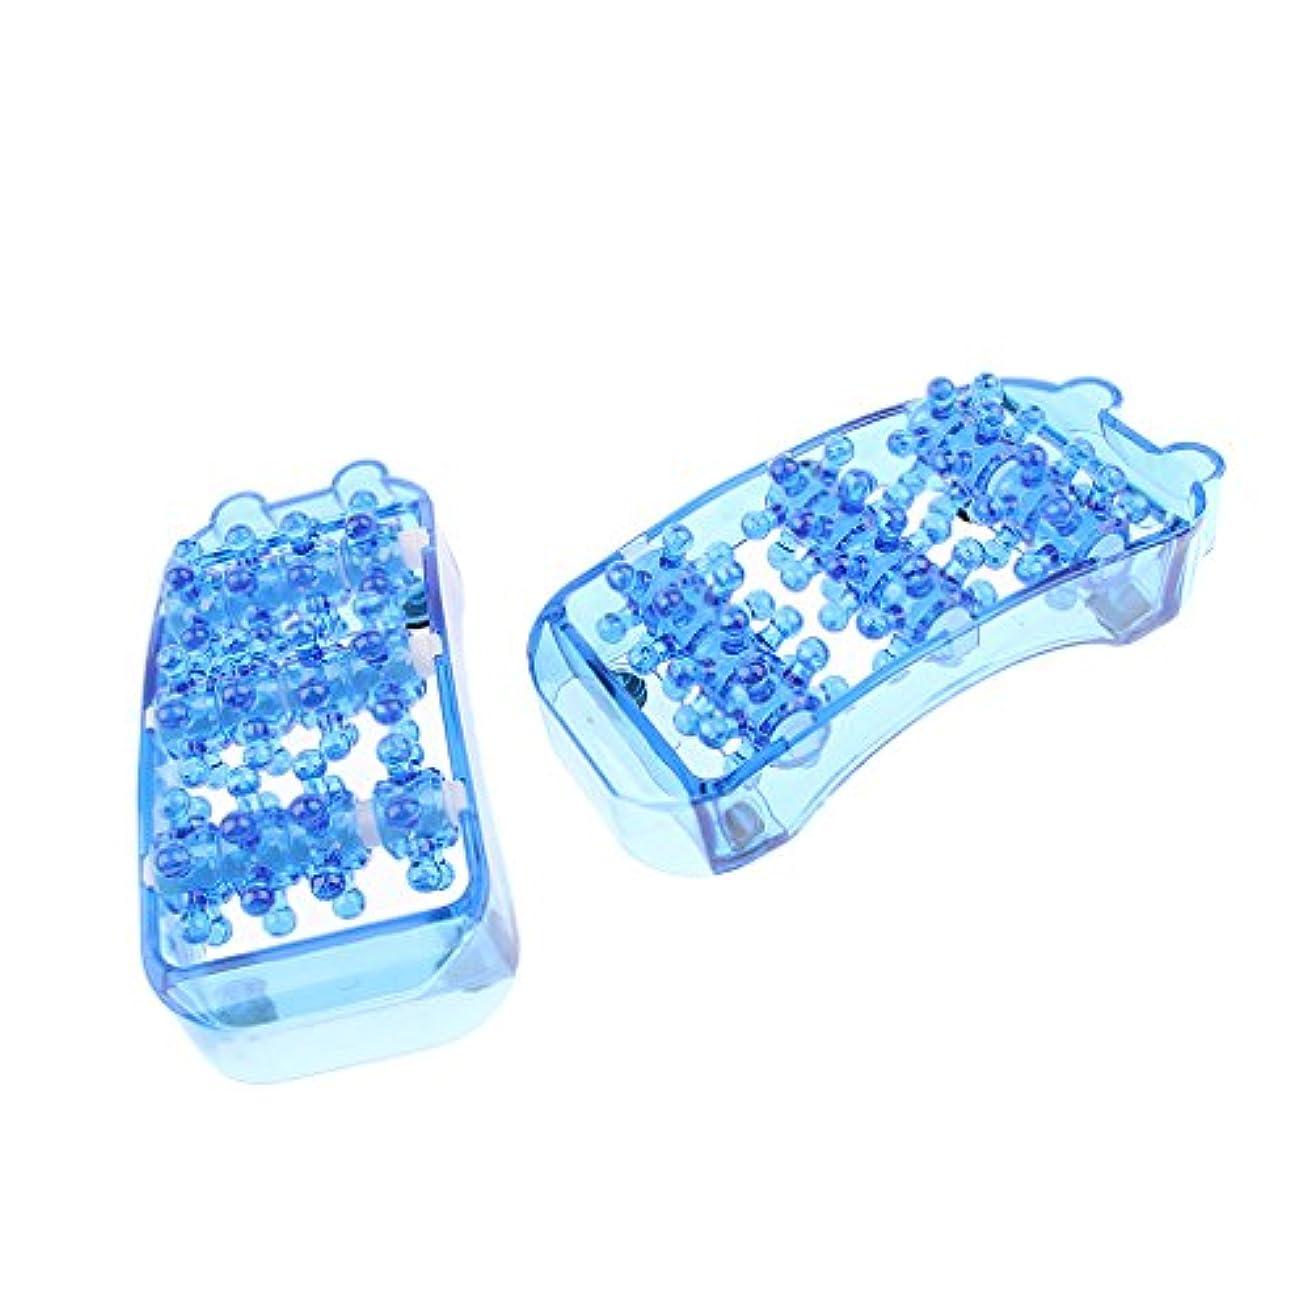 浴室水曜日否認するマッサージローラー 足 マッサージャー トリガーポイント フットケア 健康器具 全3色 - 青